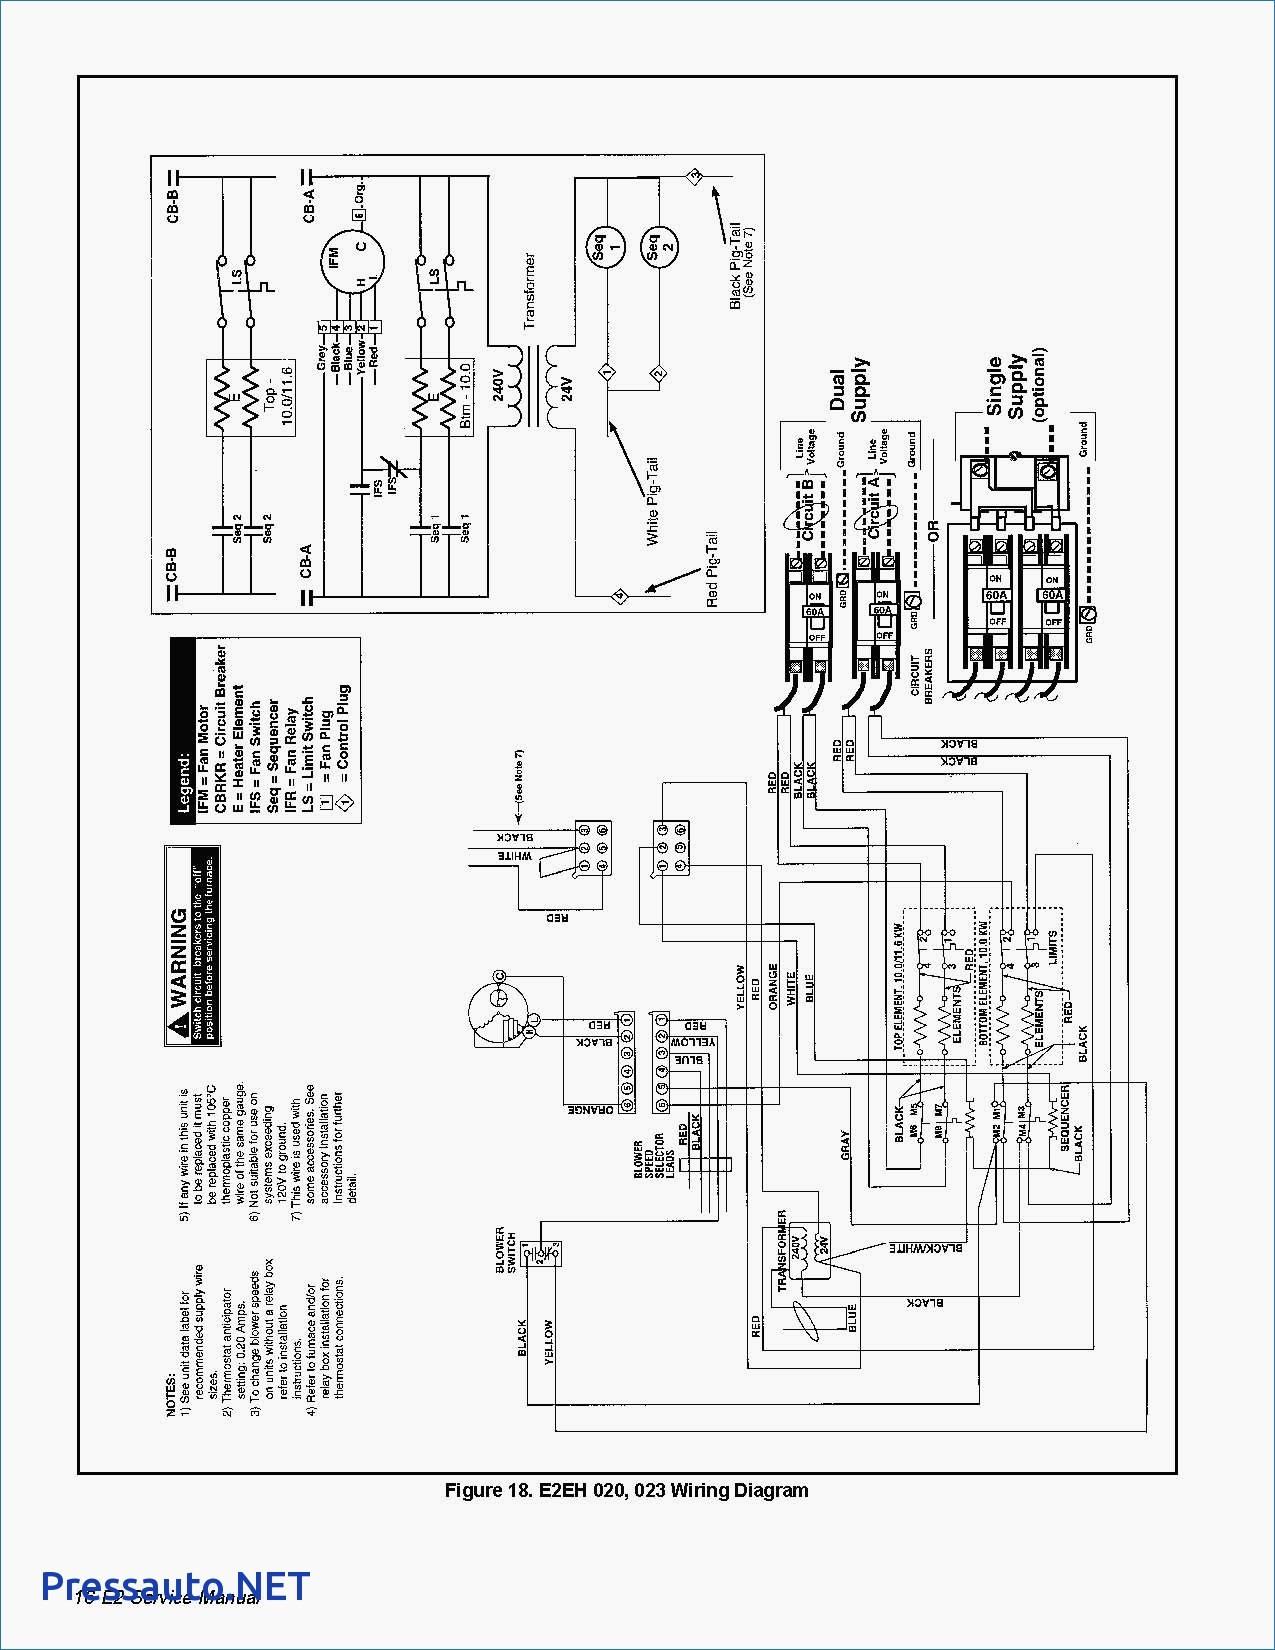 Wiring Diagram Intertherm E2eb 012ha Mobile Home Bright 4 Wire For 18